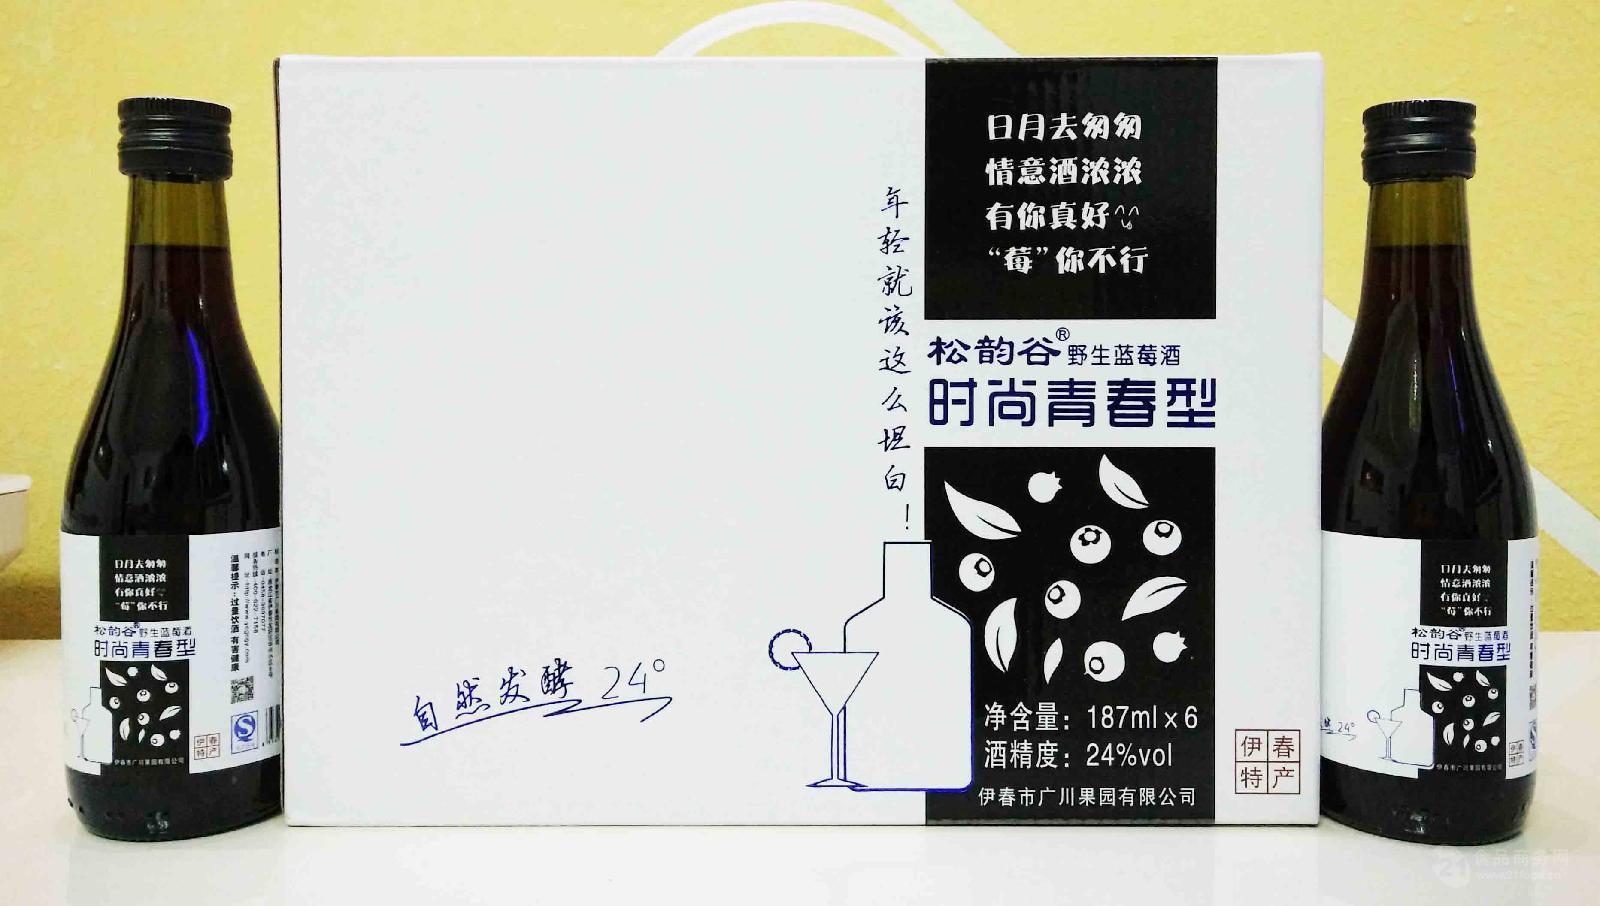 伊春特产松韵谷野生蓝莓酒 野生蓝莓青春时尚酒187ml